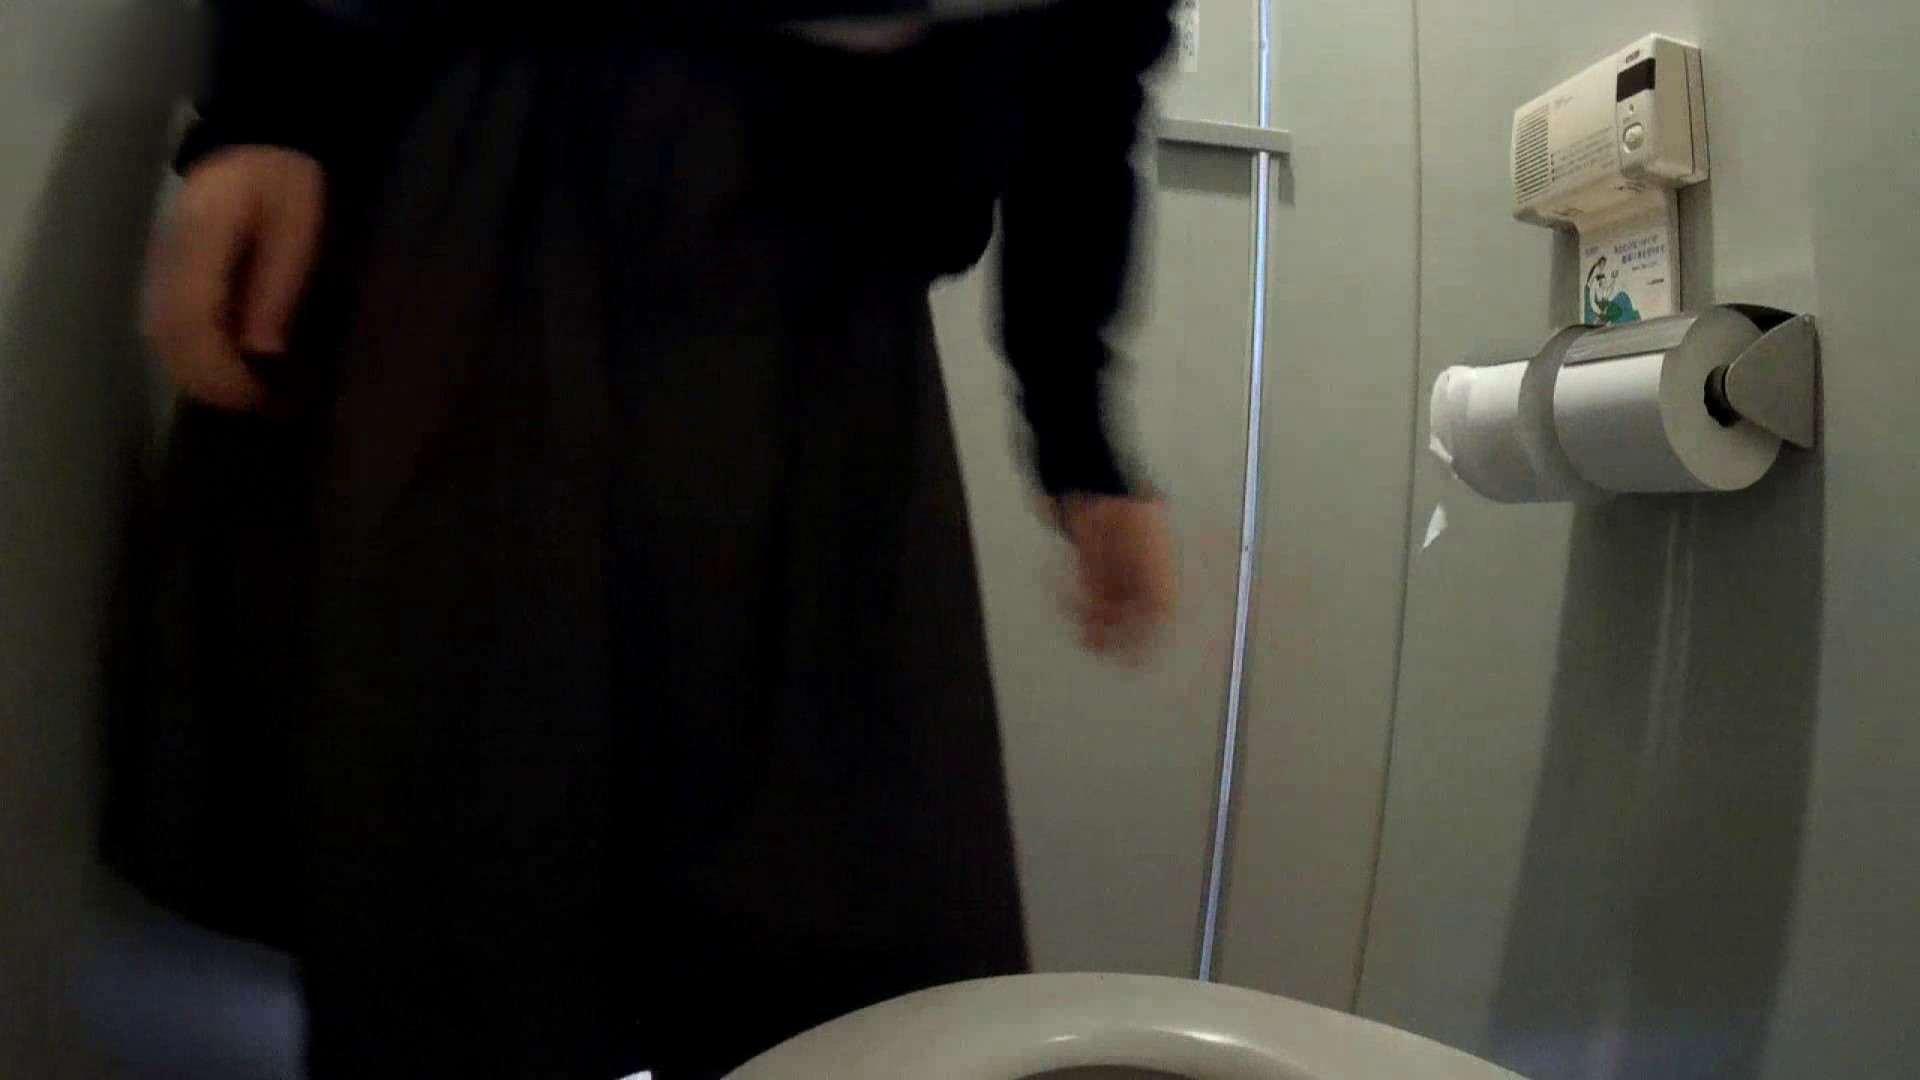 有名大学女性洗面所 vol.45 冴え渡る多方向撮影!職人技です。